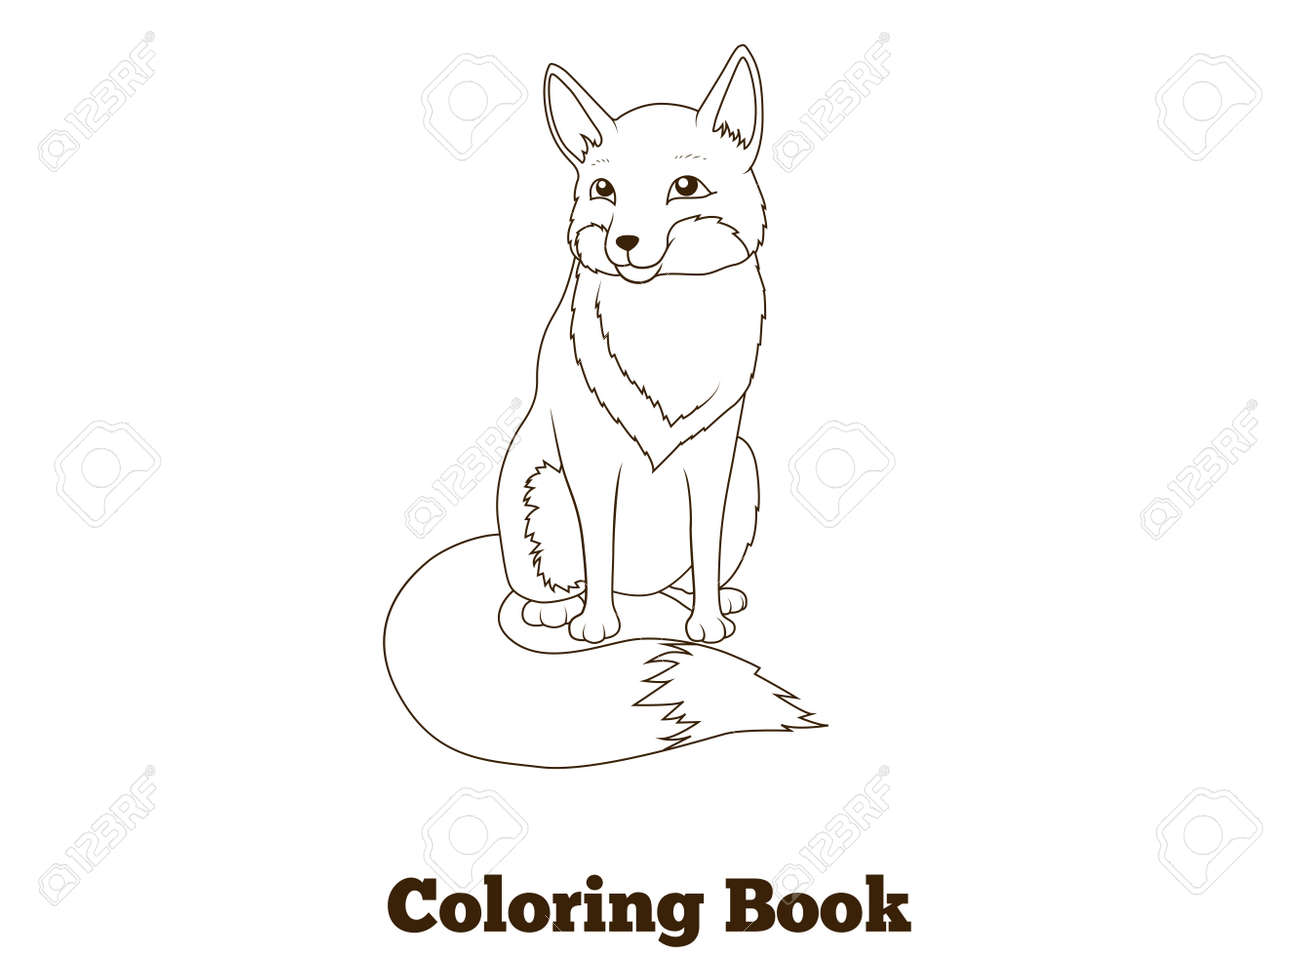 Coloriage Foret Renard.Livre De Coloriage Foret Animaux Dessin Anime Renard Pour Les